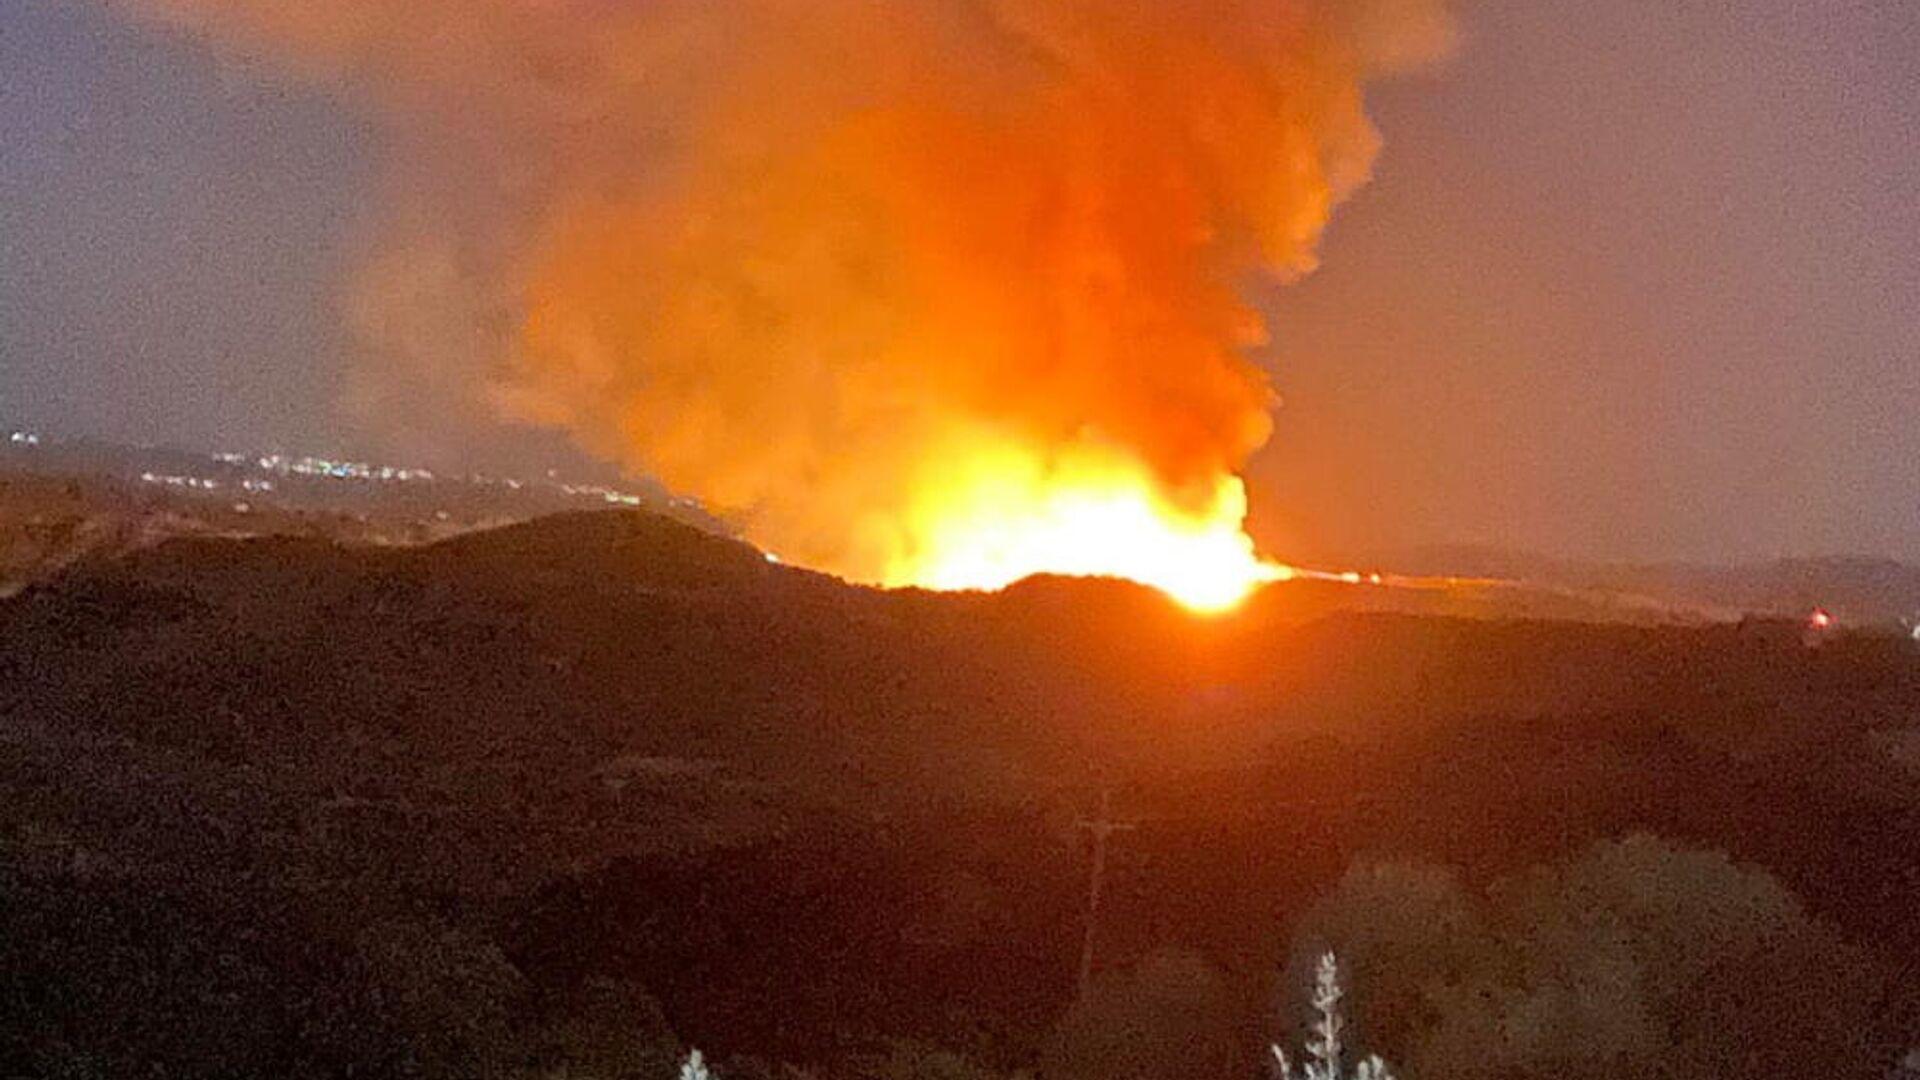 Φωτιά στην Ηλεία, 25 Σεπτεμβρίου 2021 - Sputnik Ελλάδα, 1920, 25.09.2021